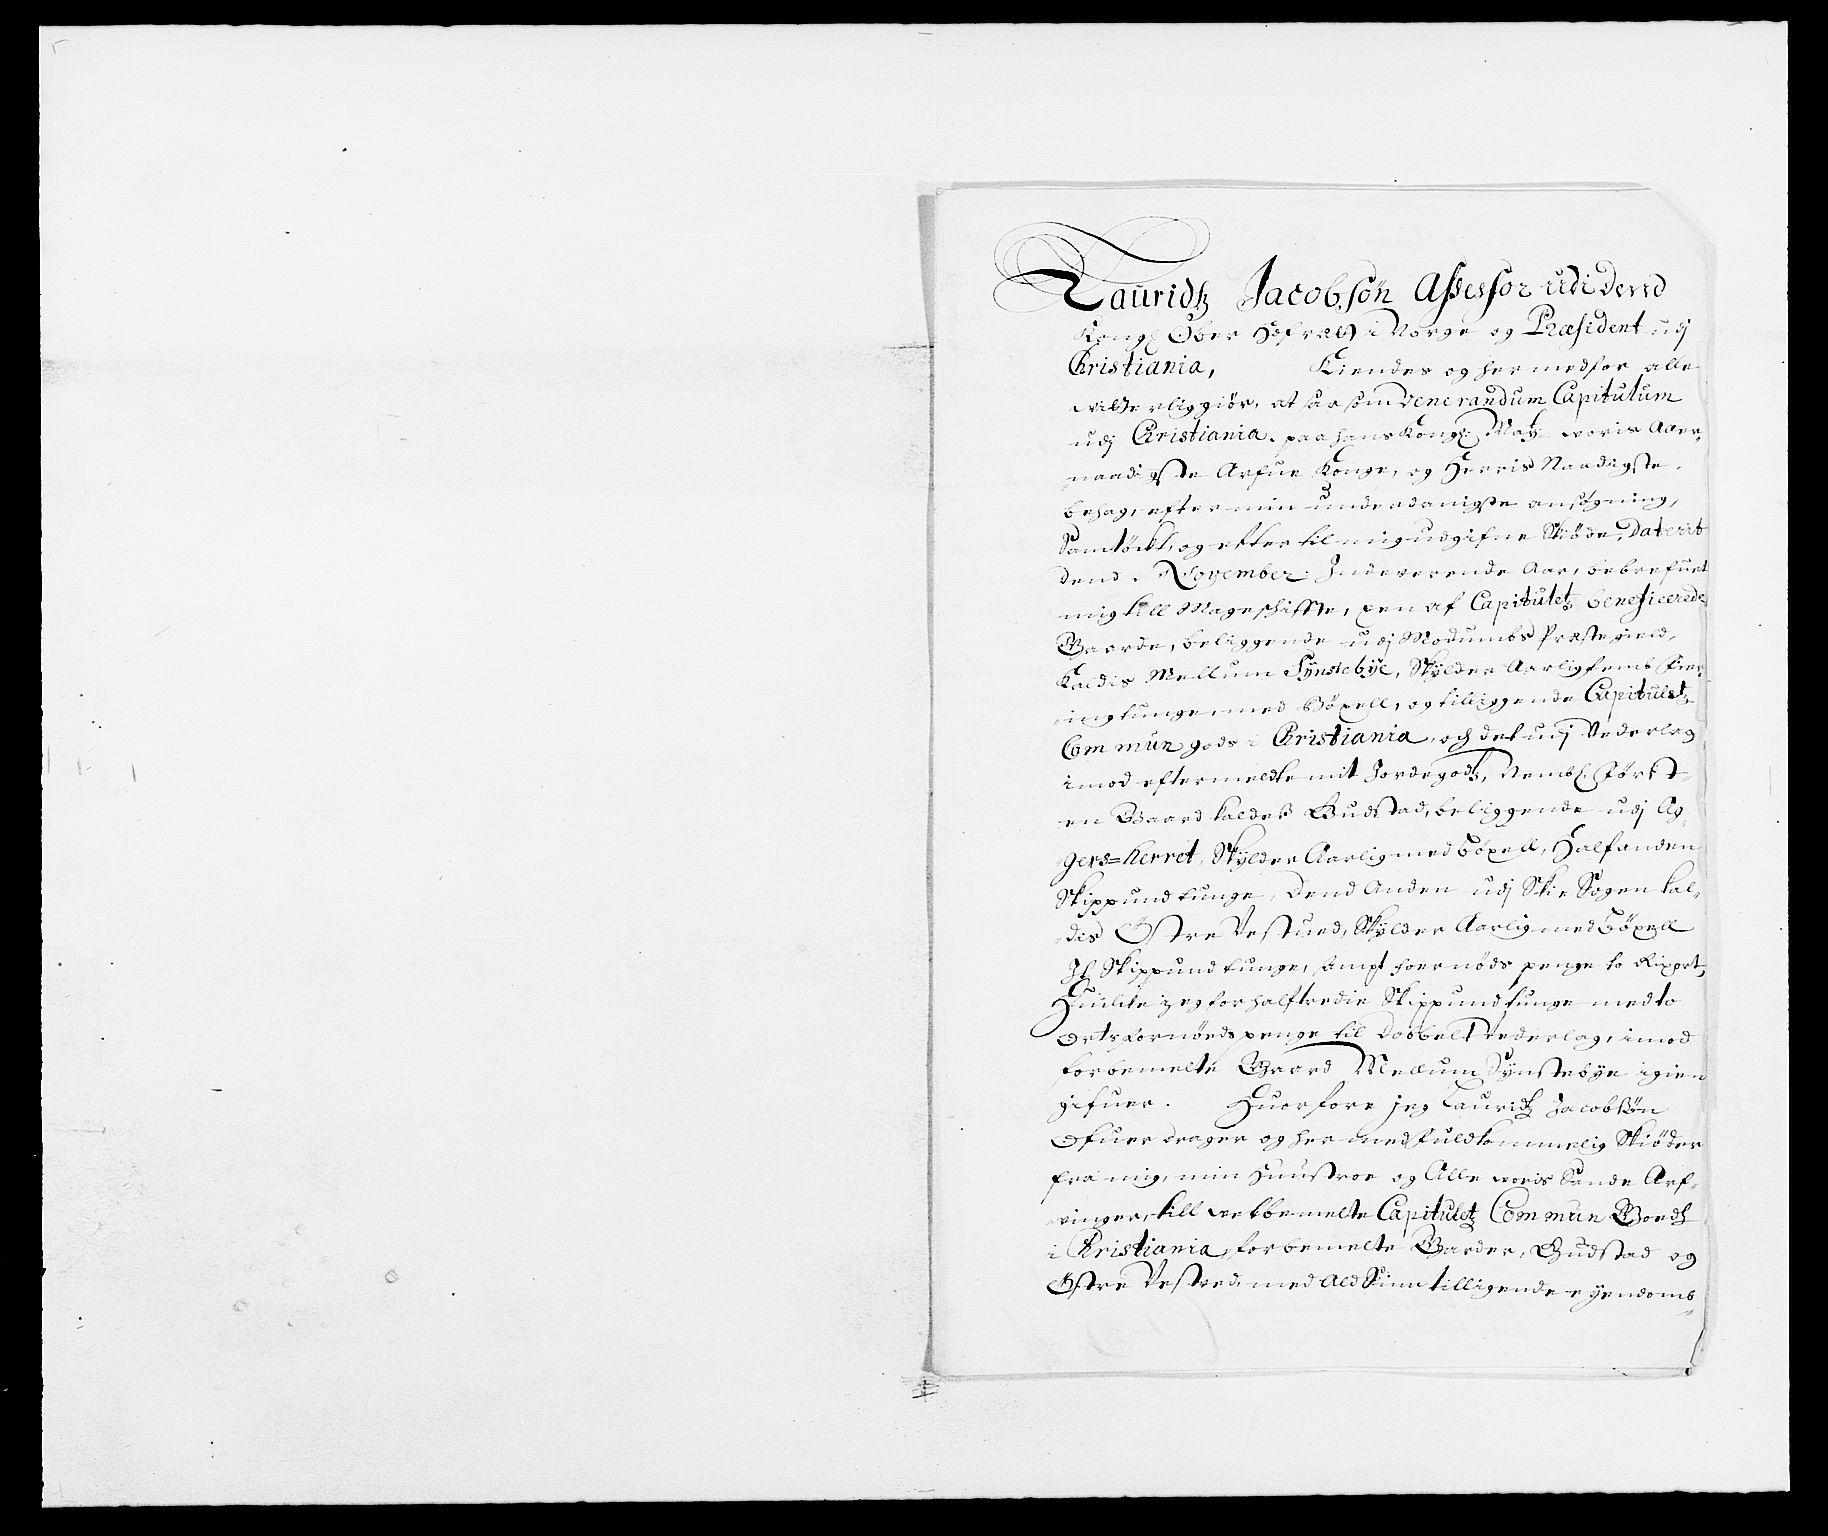 RA, Rentekammeret inntil 1814, Reviderte regnskaper, Fogderegnskap, R08/L0422: Fogderegnskap Aker, 1684-1686, s. 241